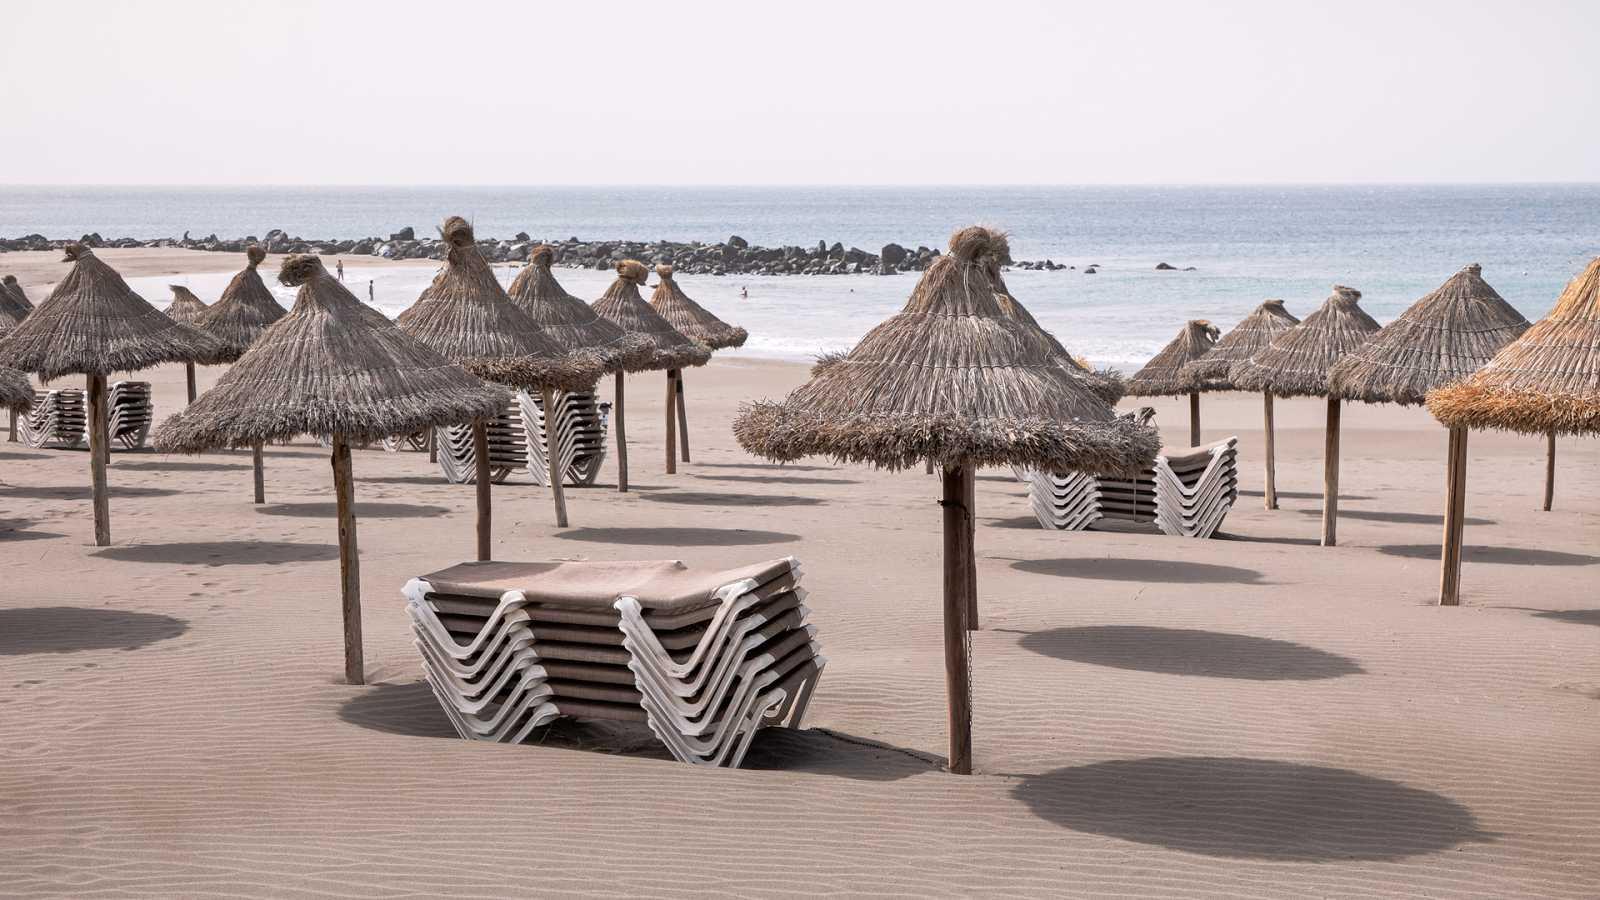 En clave Turismo - Iniciativas para reanimar el turismo - 12/05/21 - escuchar ahora